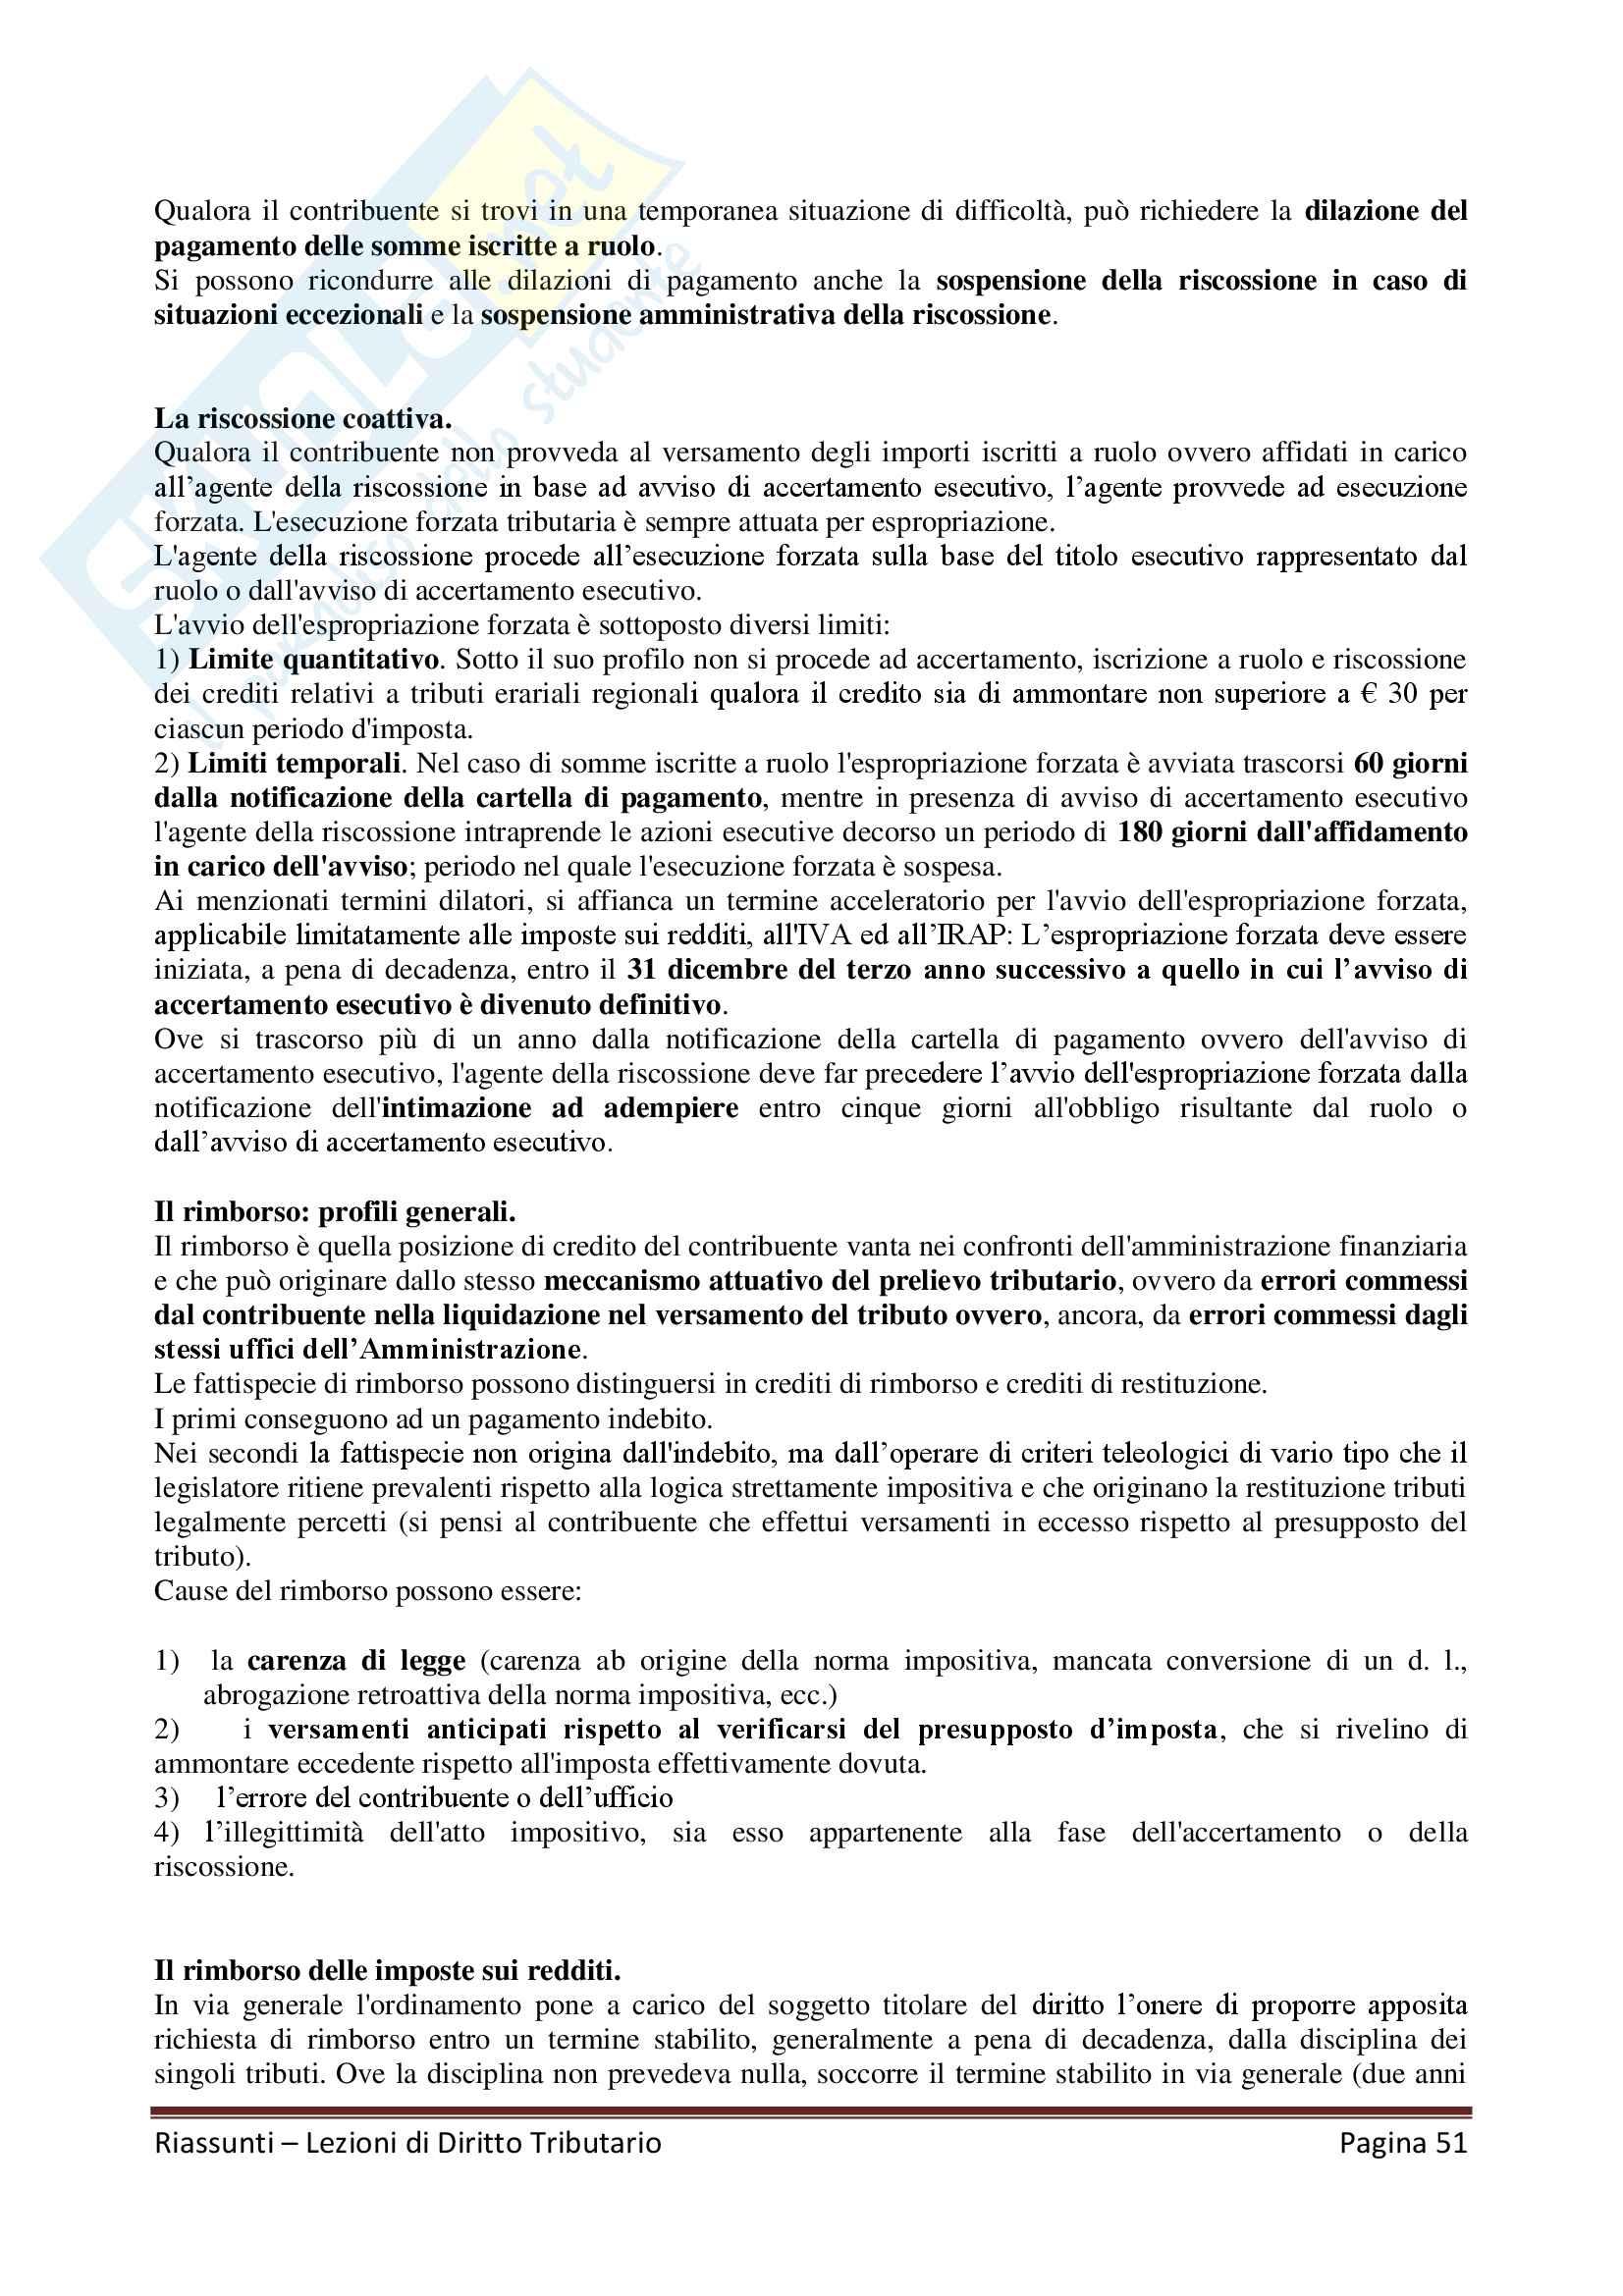 """Riassunto esame Diritto Tributario, Docente G. Melis, libro consigliato """"Lezioni di diritto tributario"""" di G. Melis Pag. 51"""